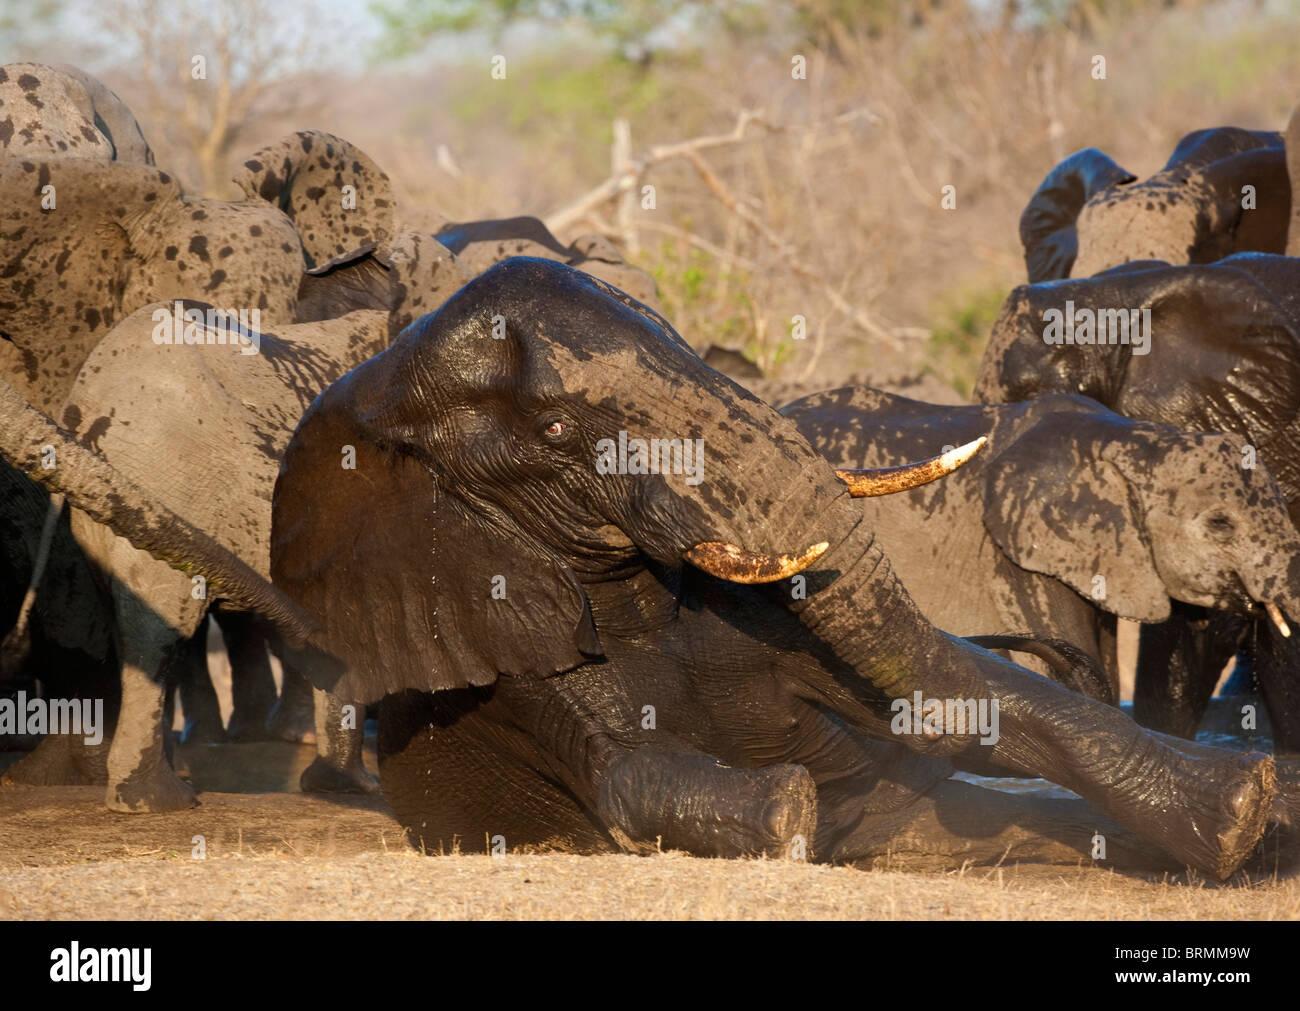 Un toro húmedo elefante acostado en el suelo con un rebaño de cría bebiendo en el fondo Imagen De Stock